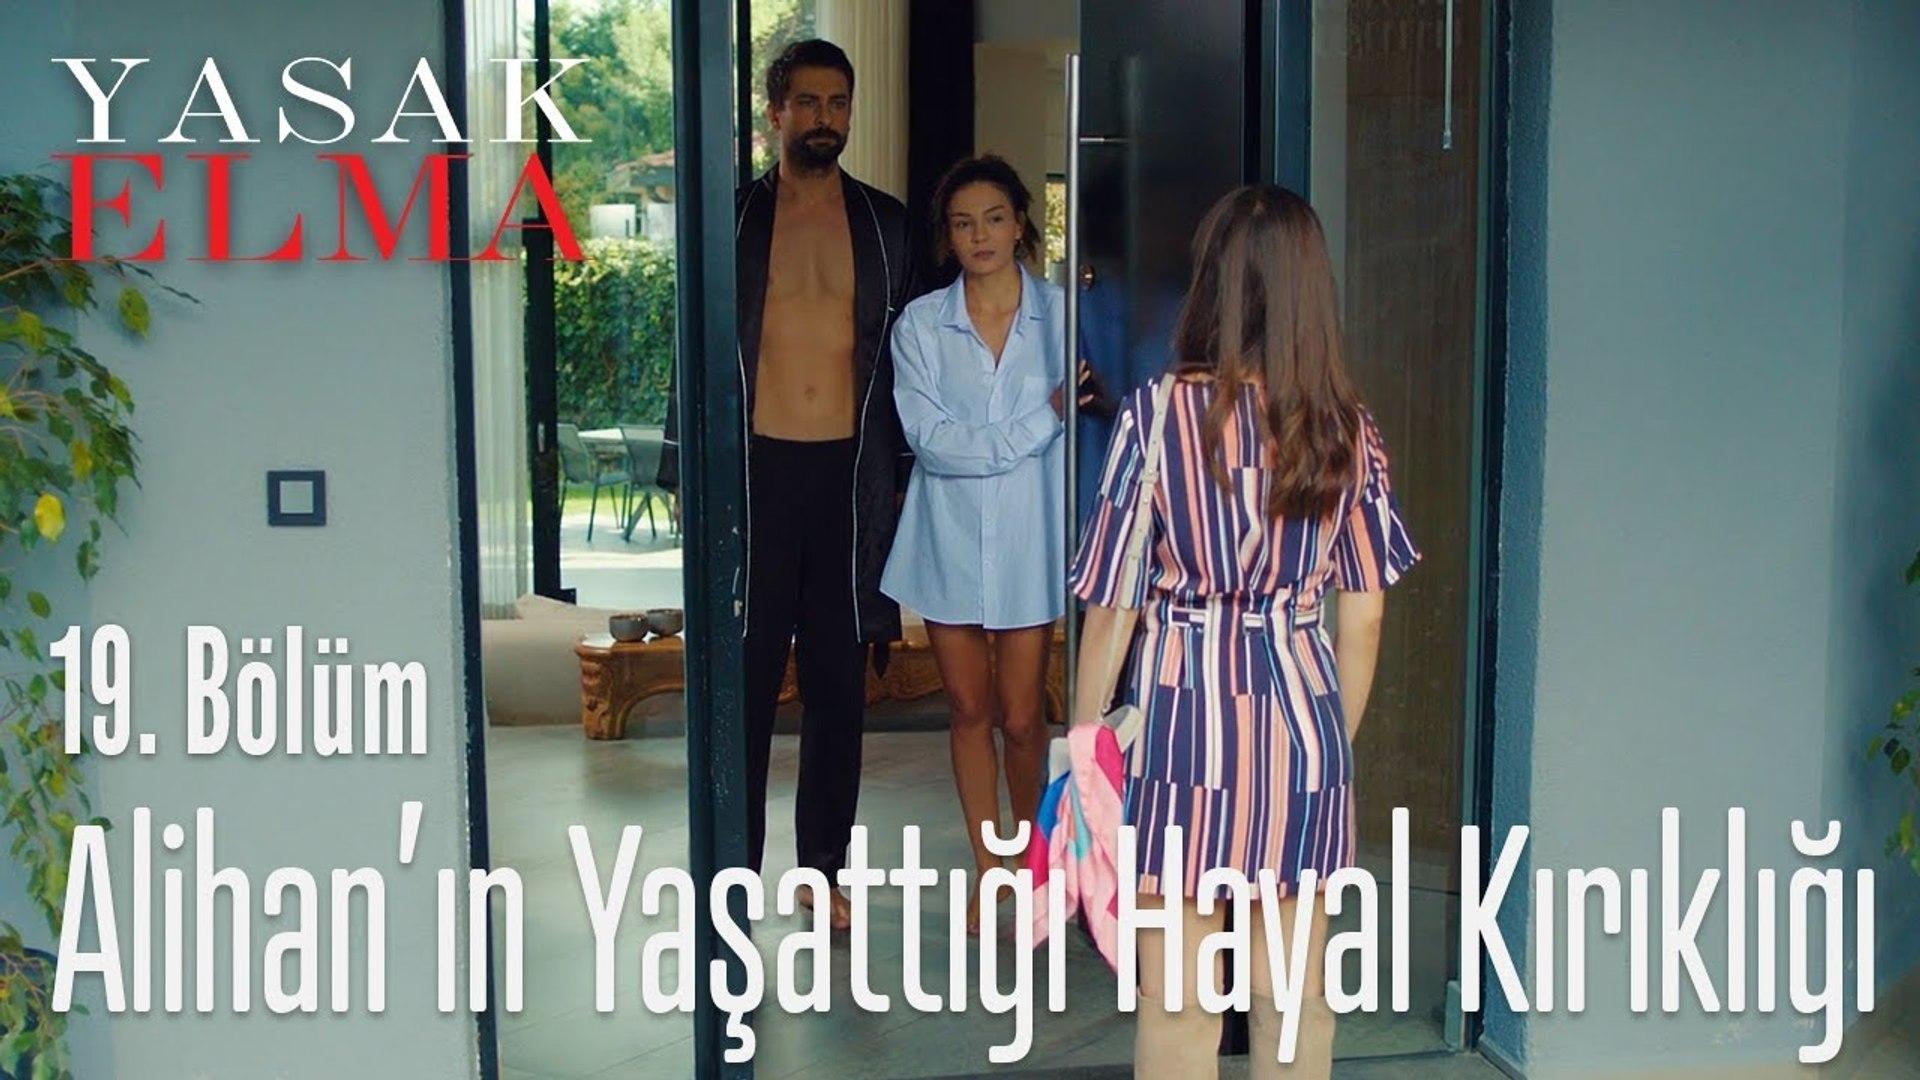 Alihan, Zeynep'i hayal kırıklığına uğrattı - Yasak Elma 19. Bölüm